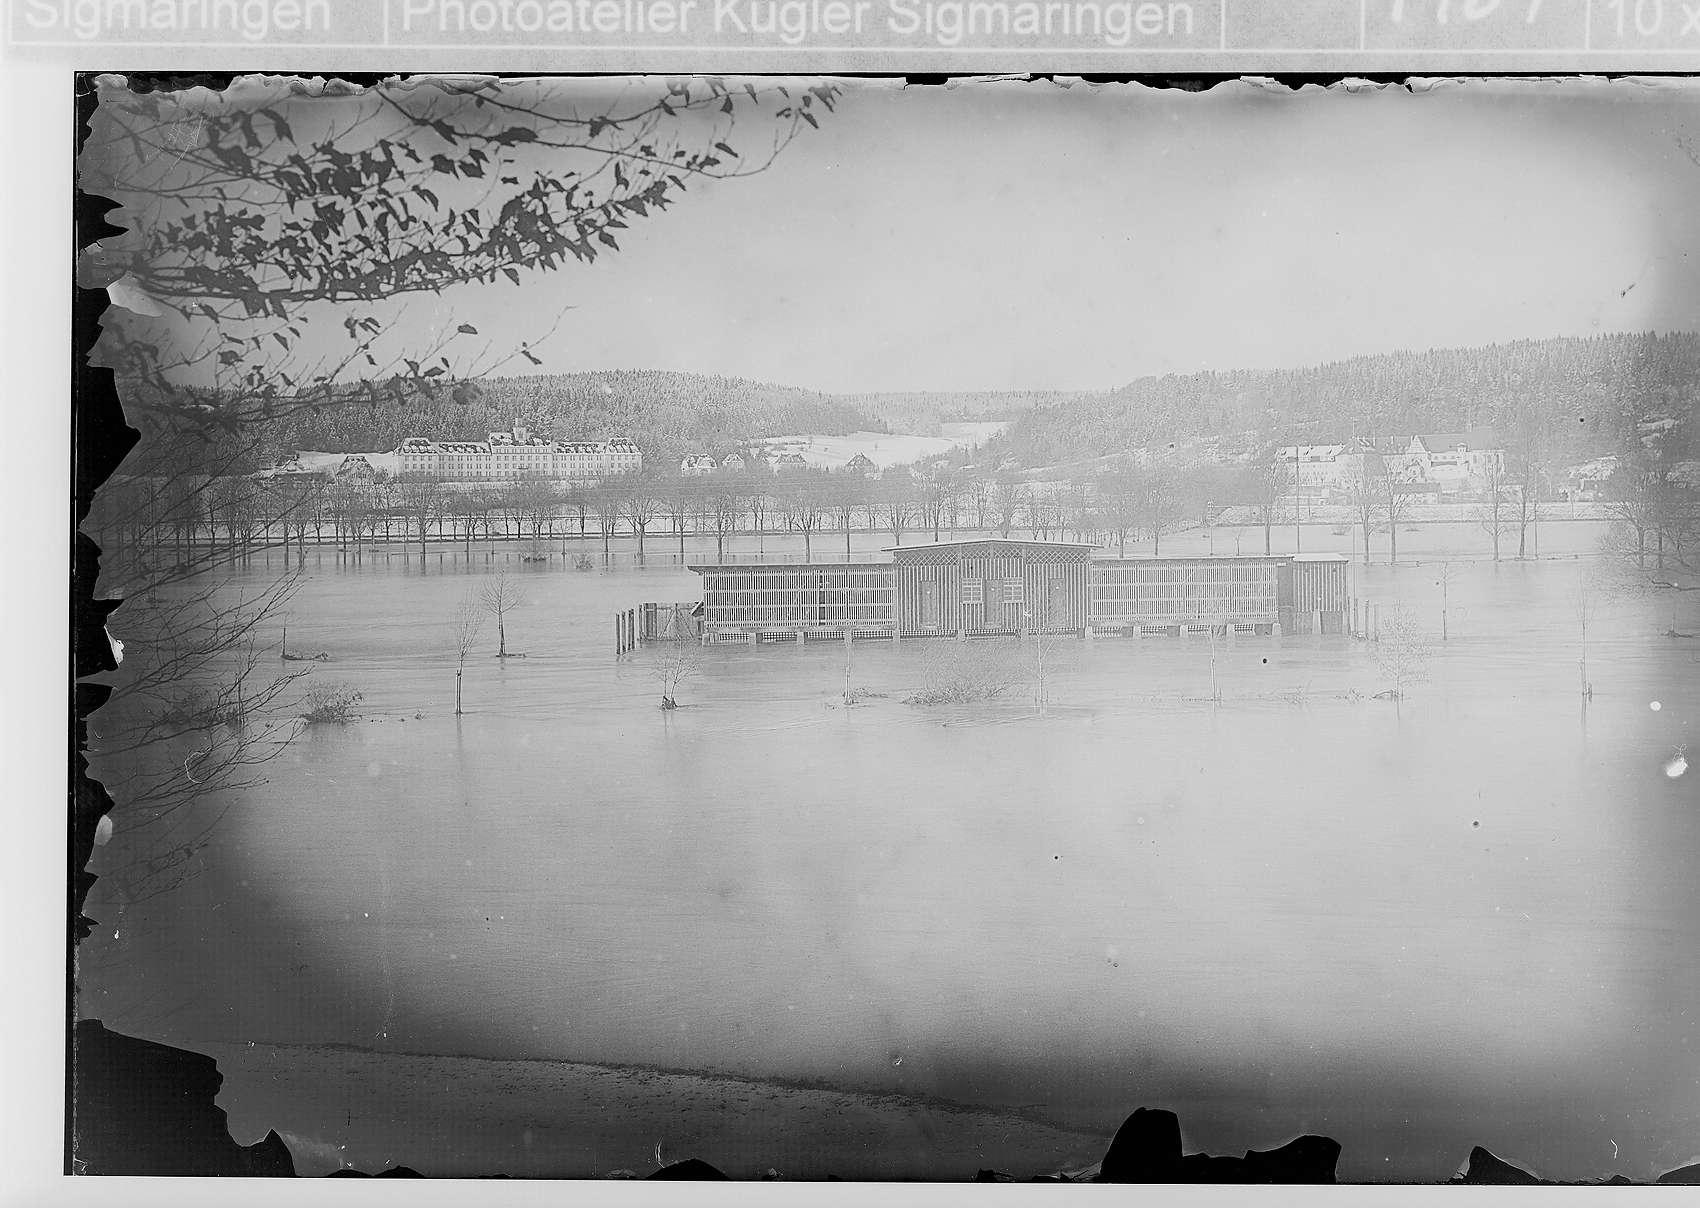 Donauhochwasser in Sigmaringen; Im Hintergrund Unteroffiziersvorschule, im Vordergrund MilitärSchwimmanstalt (= Soldatenbad), Verlängerung von der Gorheimer Allee, Bild 1